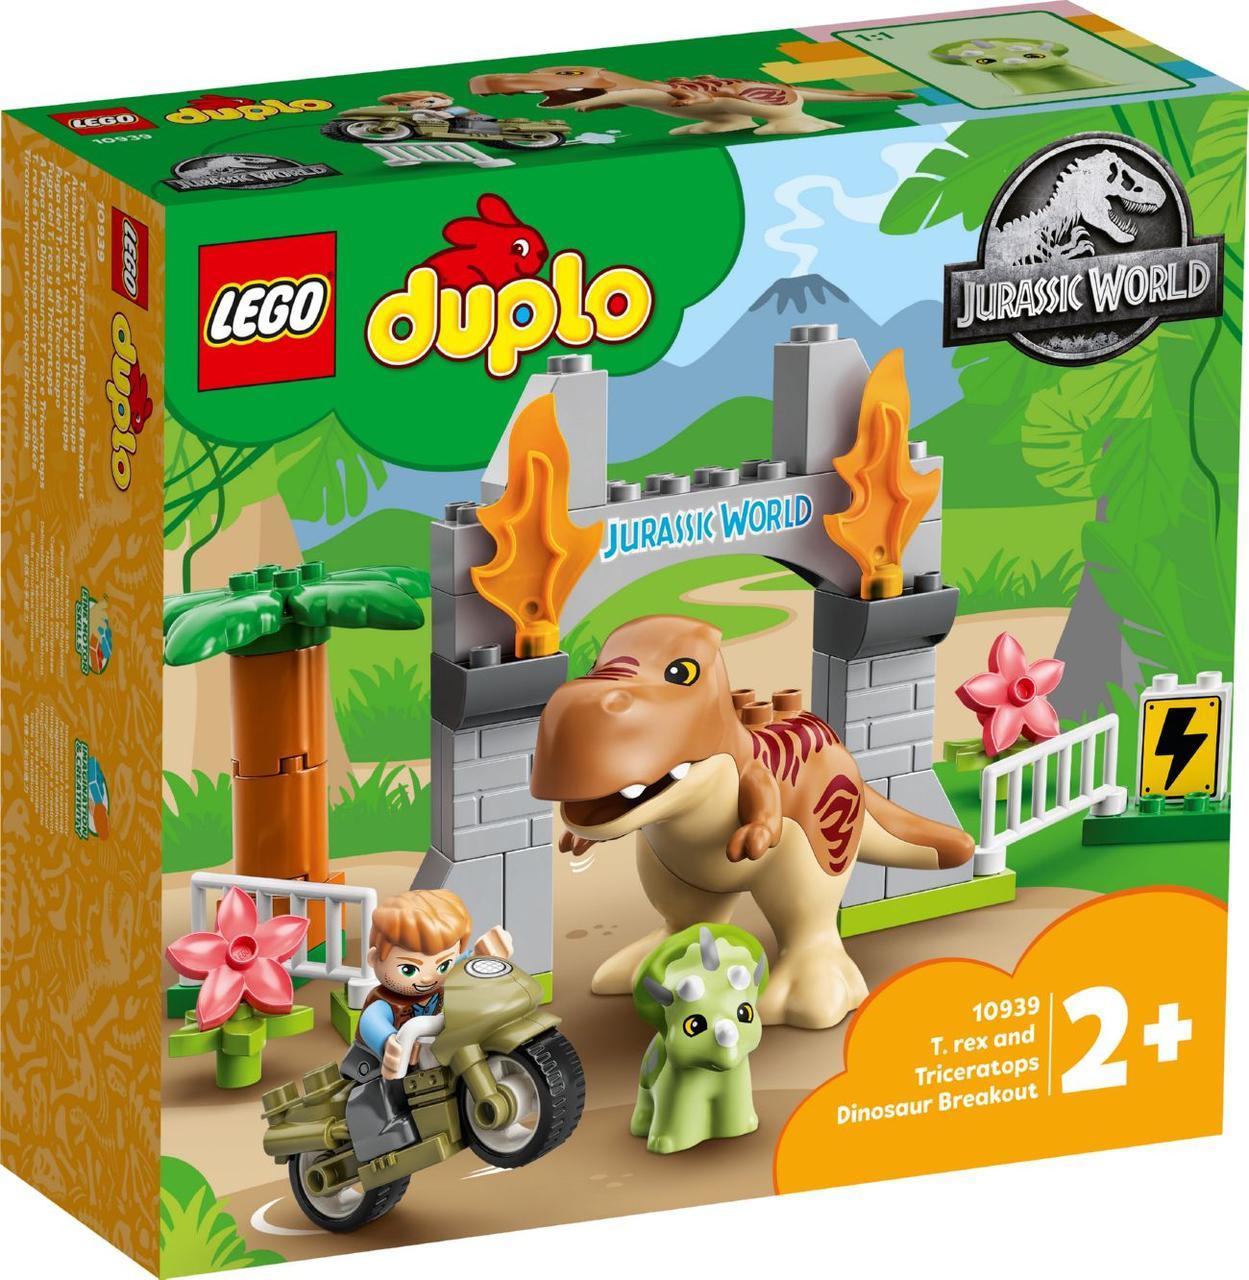 Lego Duplo Побег динозавров: тираннозавр и трицератопс 10939